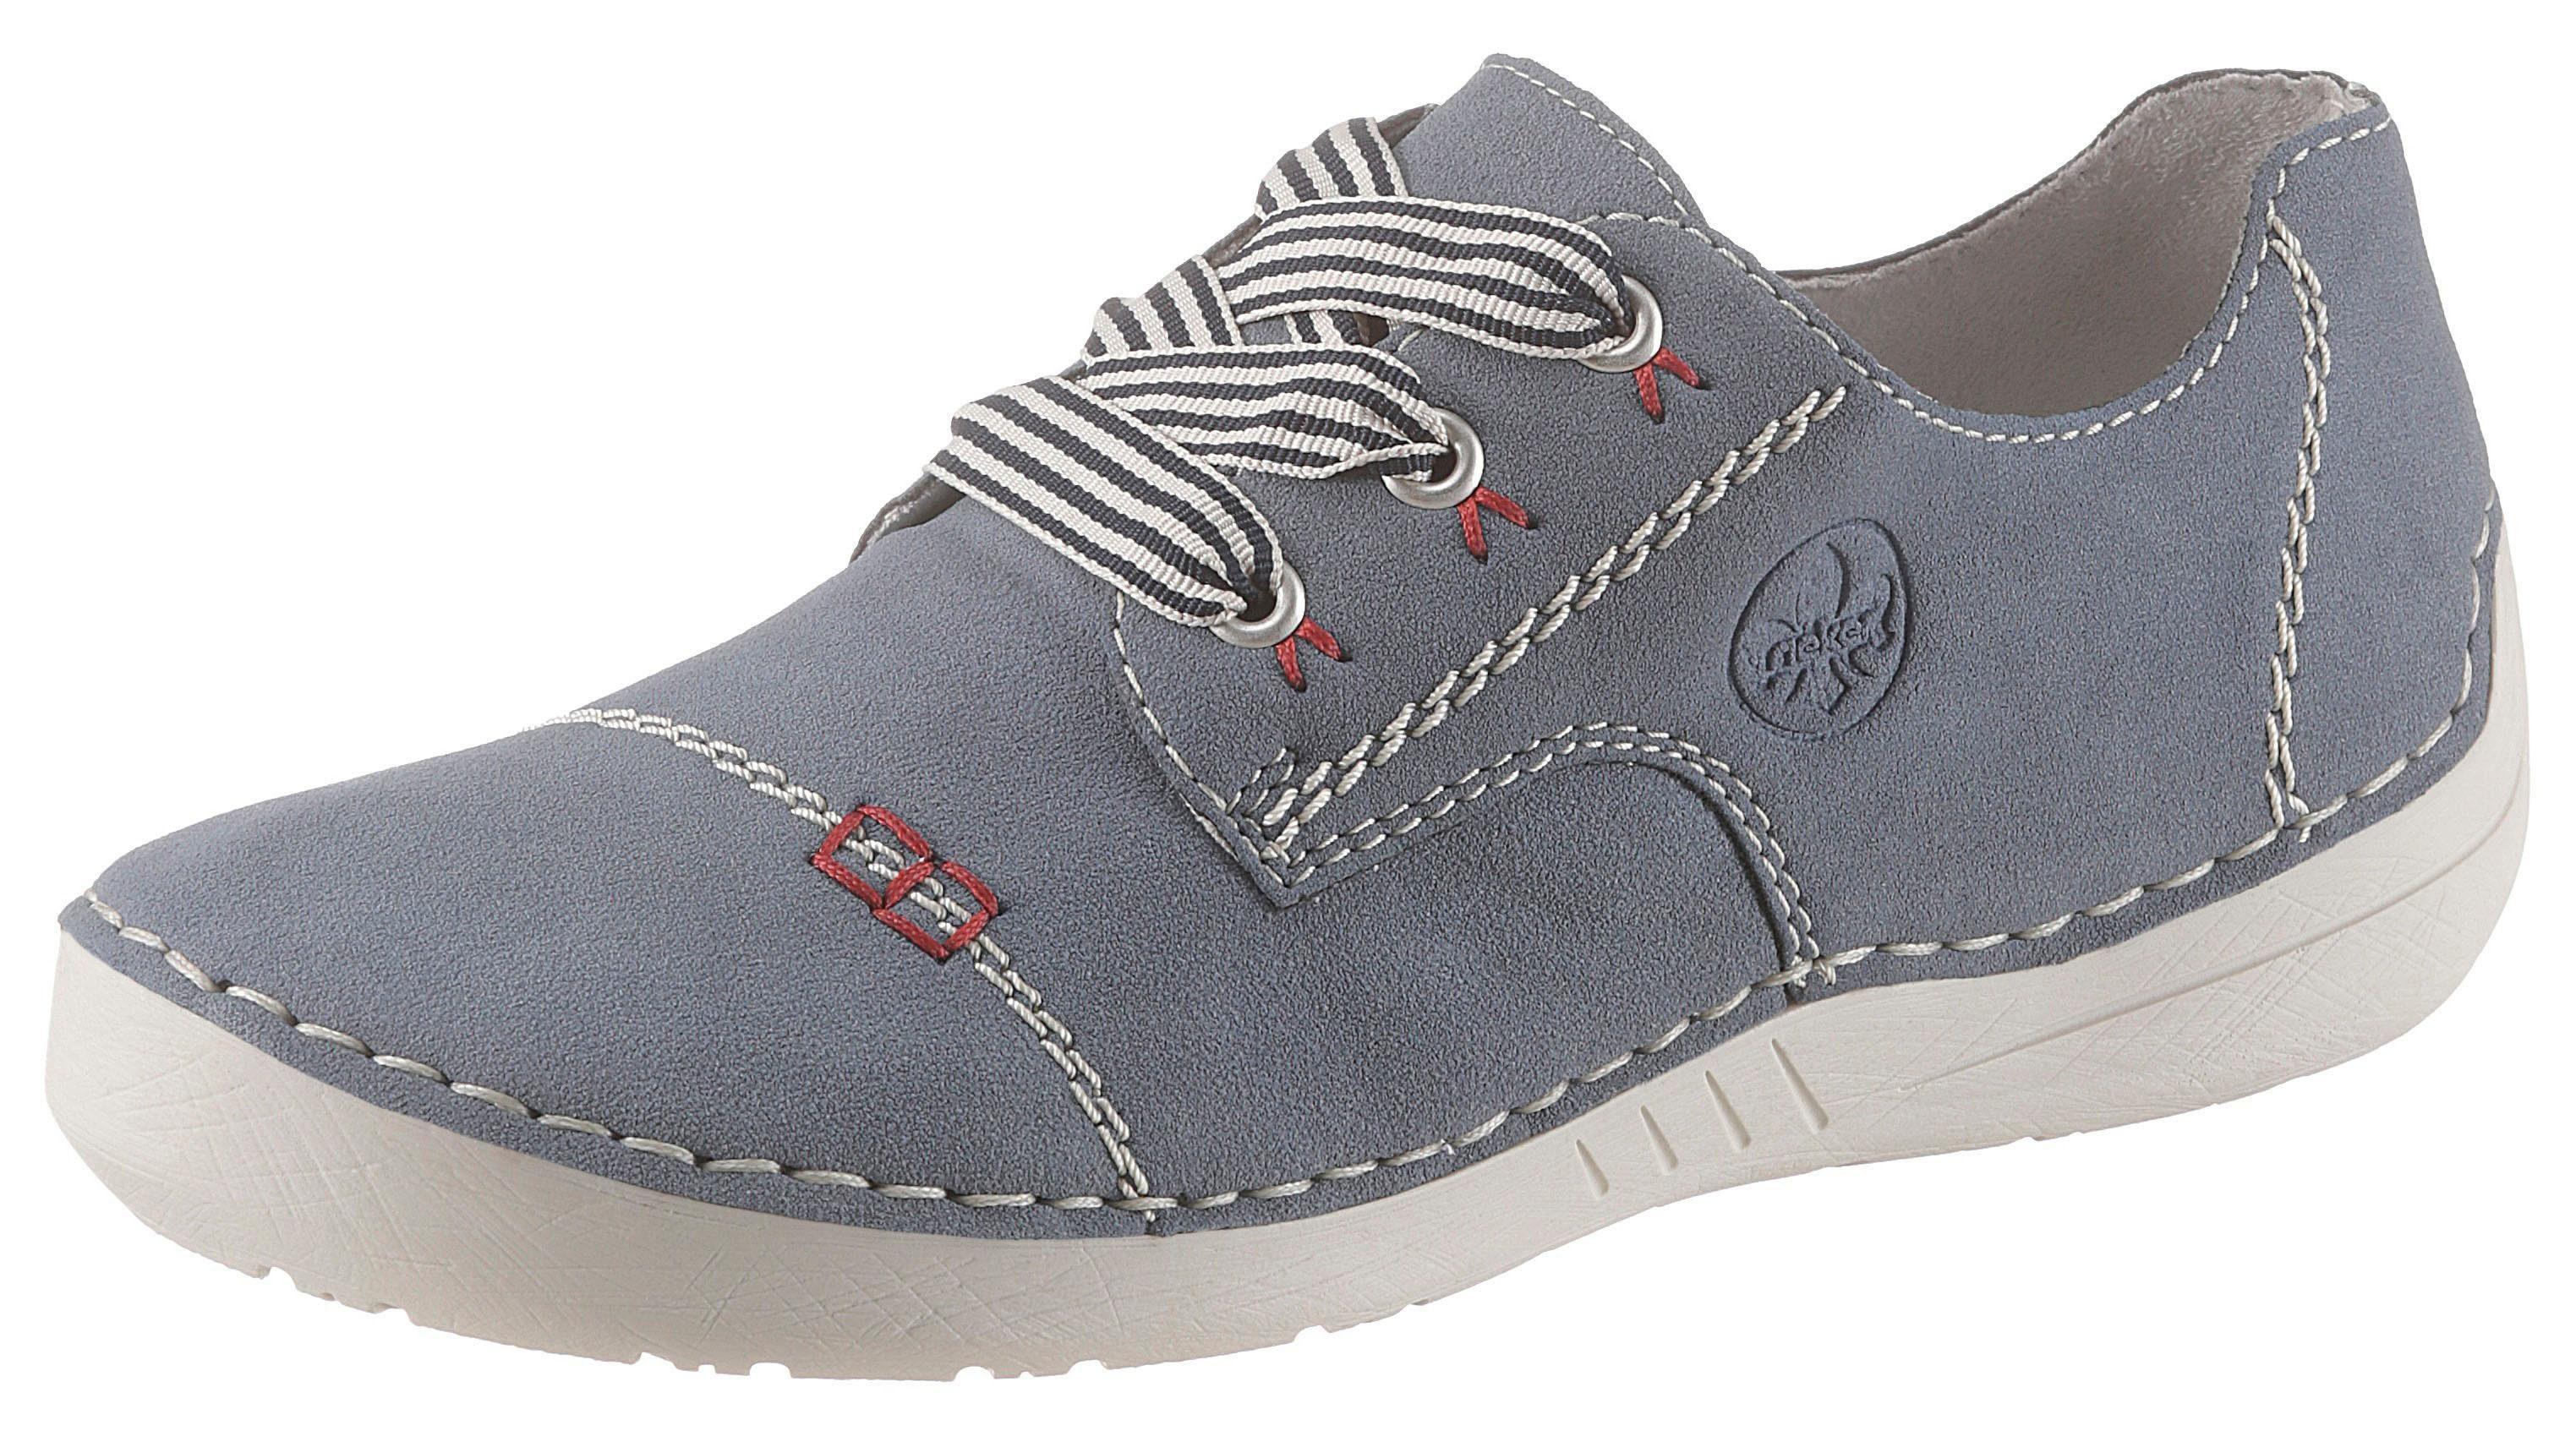 Rieker Sneaker mit aktuellen Ziernähten, Mit seitlicher Logoprägung online kaufen   OTTO